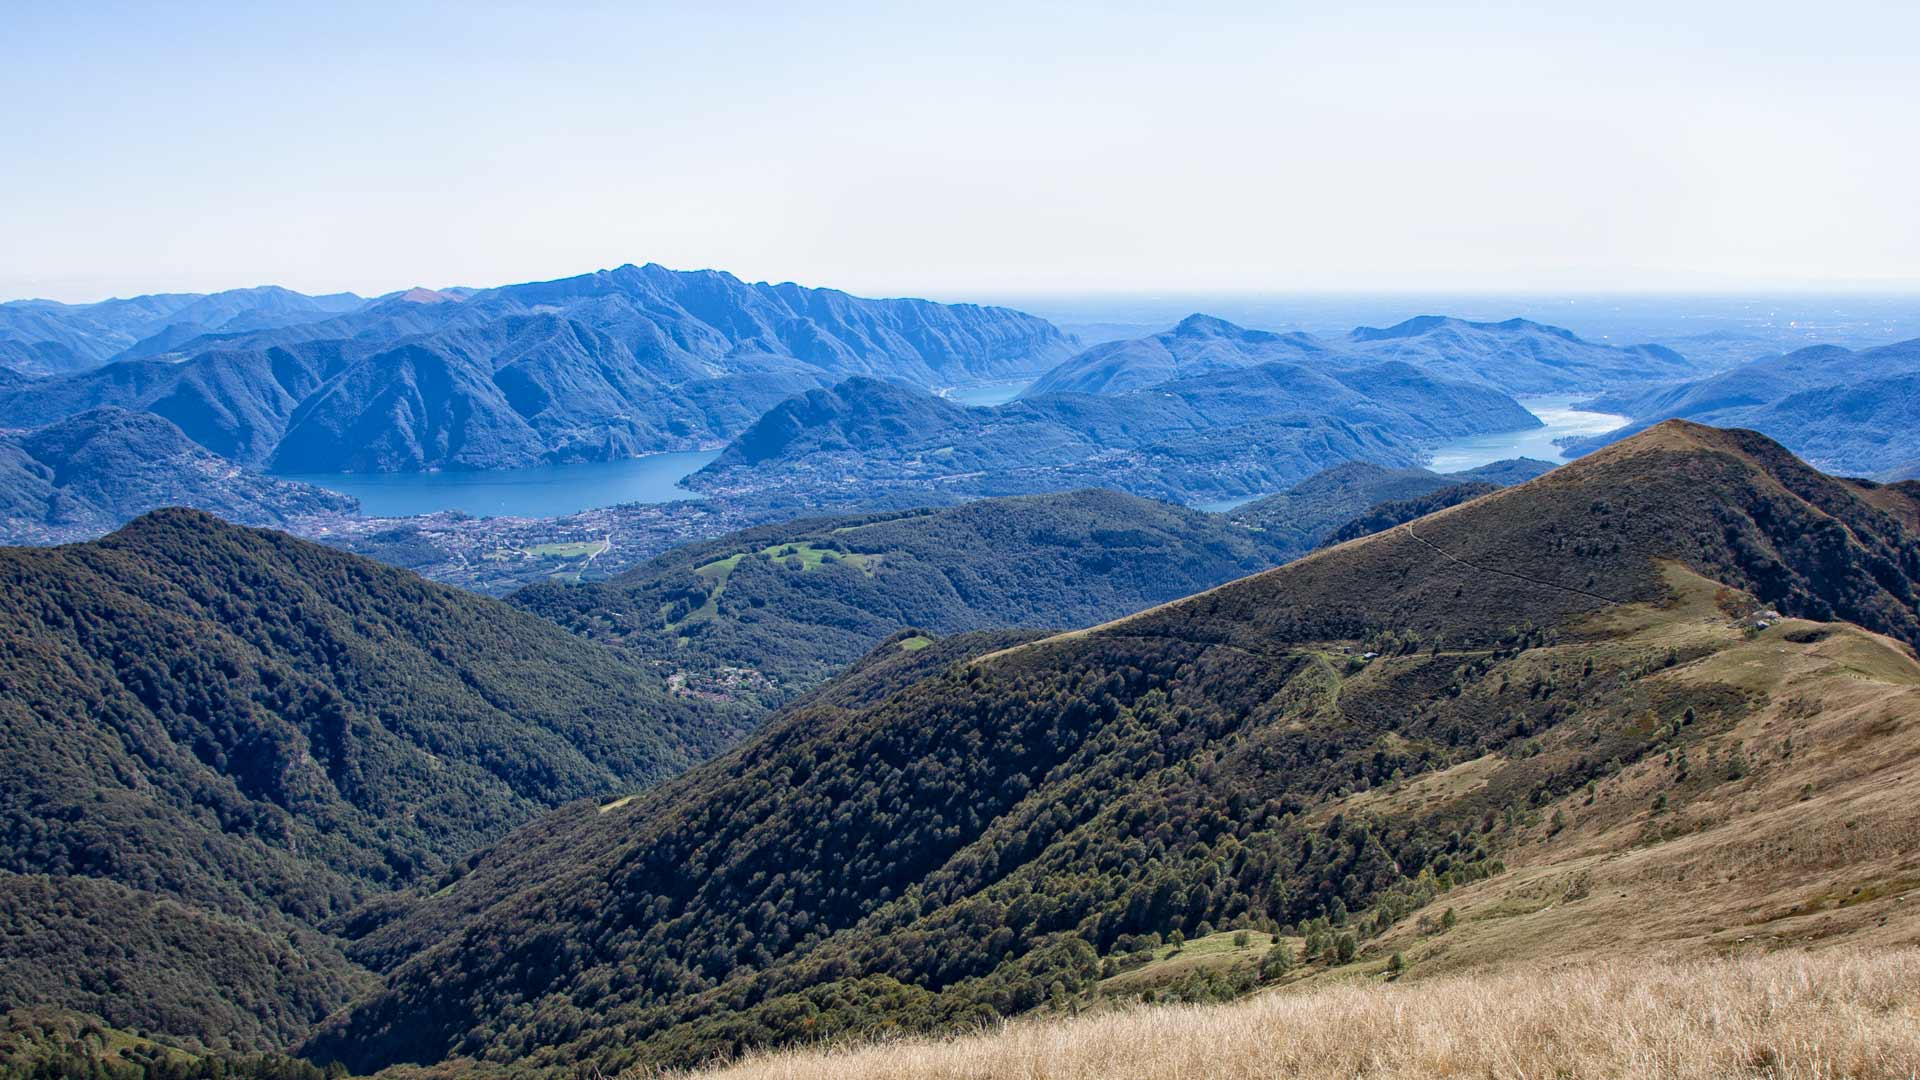 Aussicht auf der Wanderung vom Monte Lema zum Monte Tamaro. Ferienwohnung Locarno Minusio